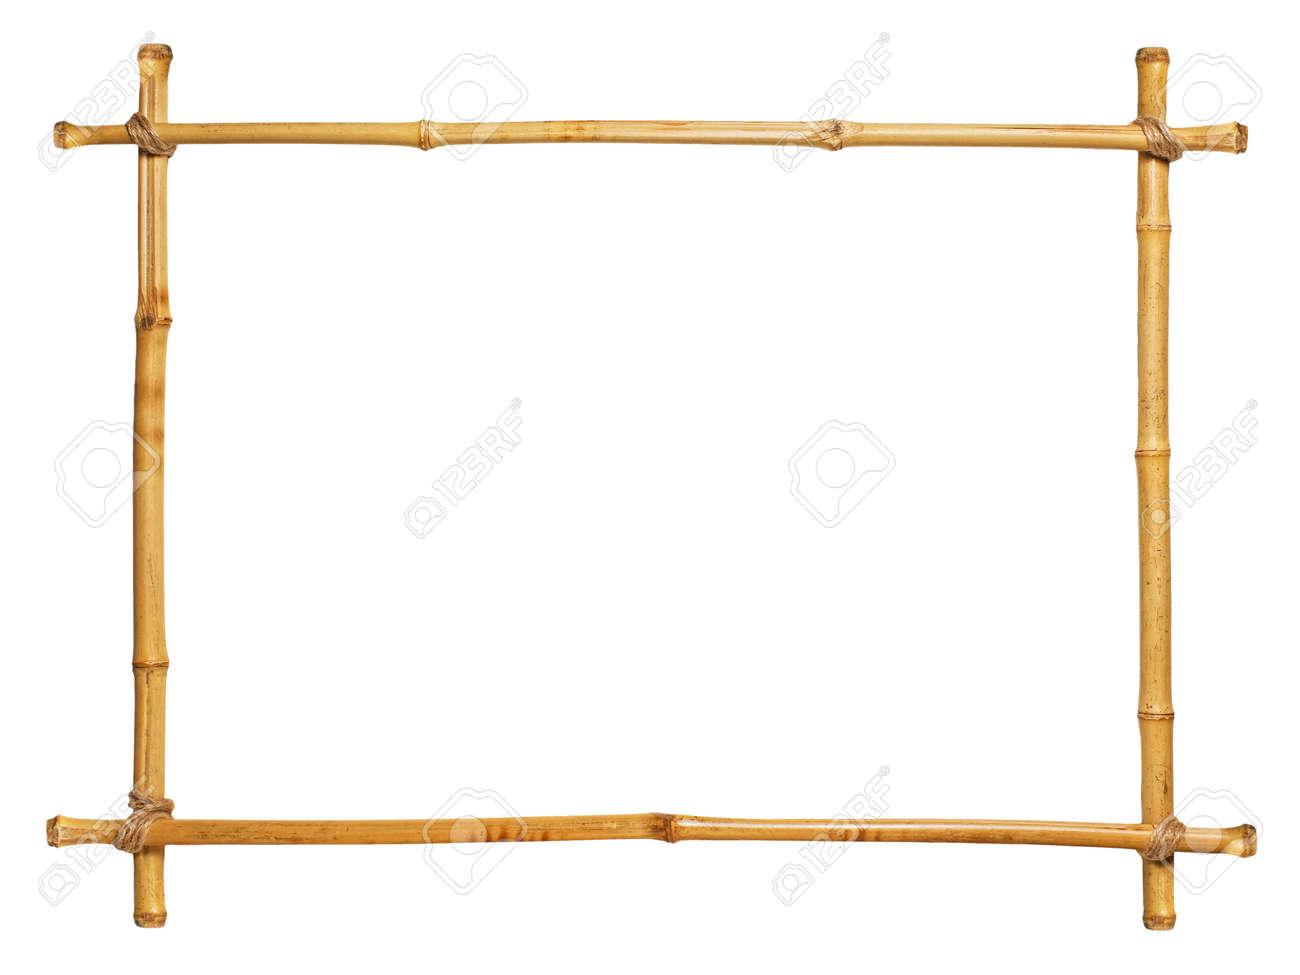 Bambus-Rahmen Auf Weißem Hintergrund Lizenzfreie Fotos, Bilder Und ...